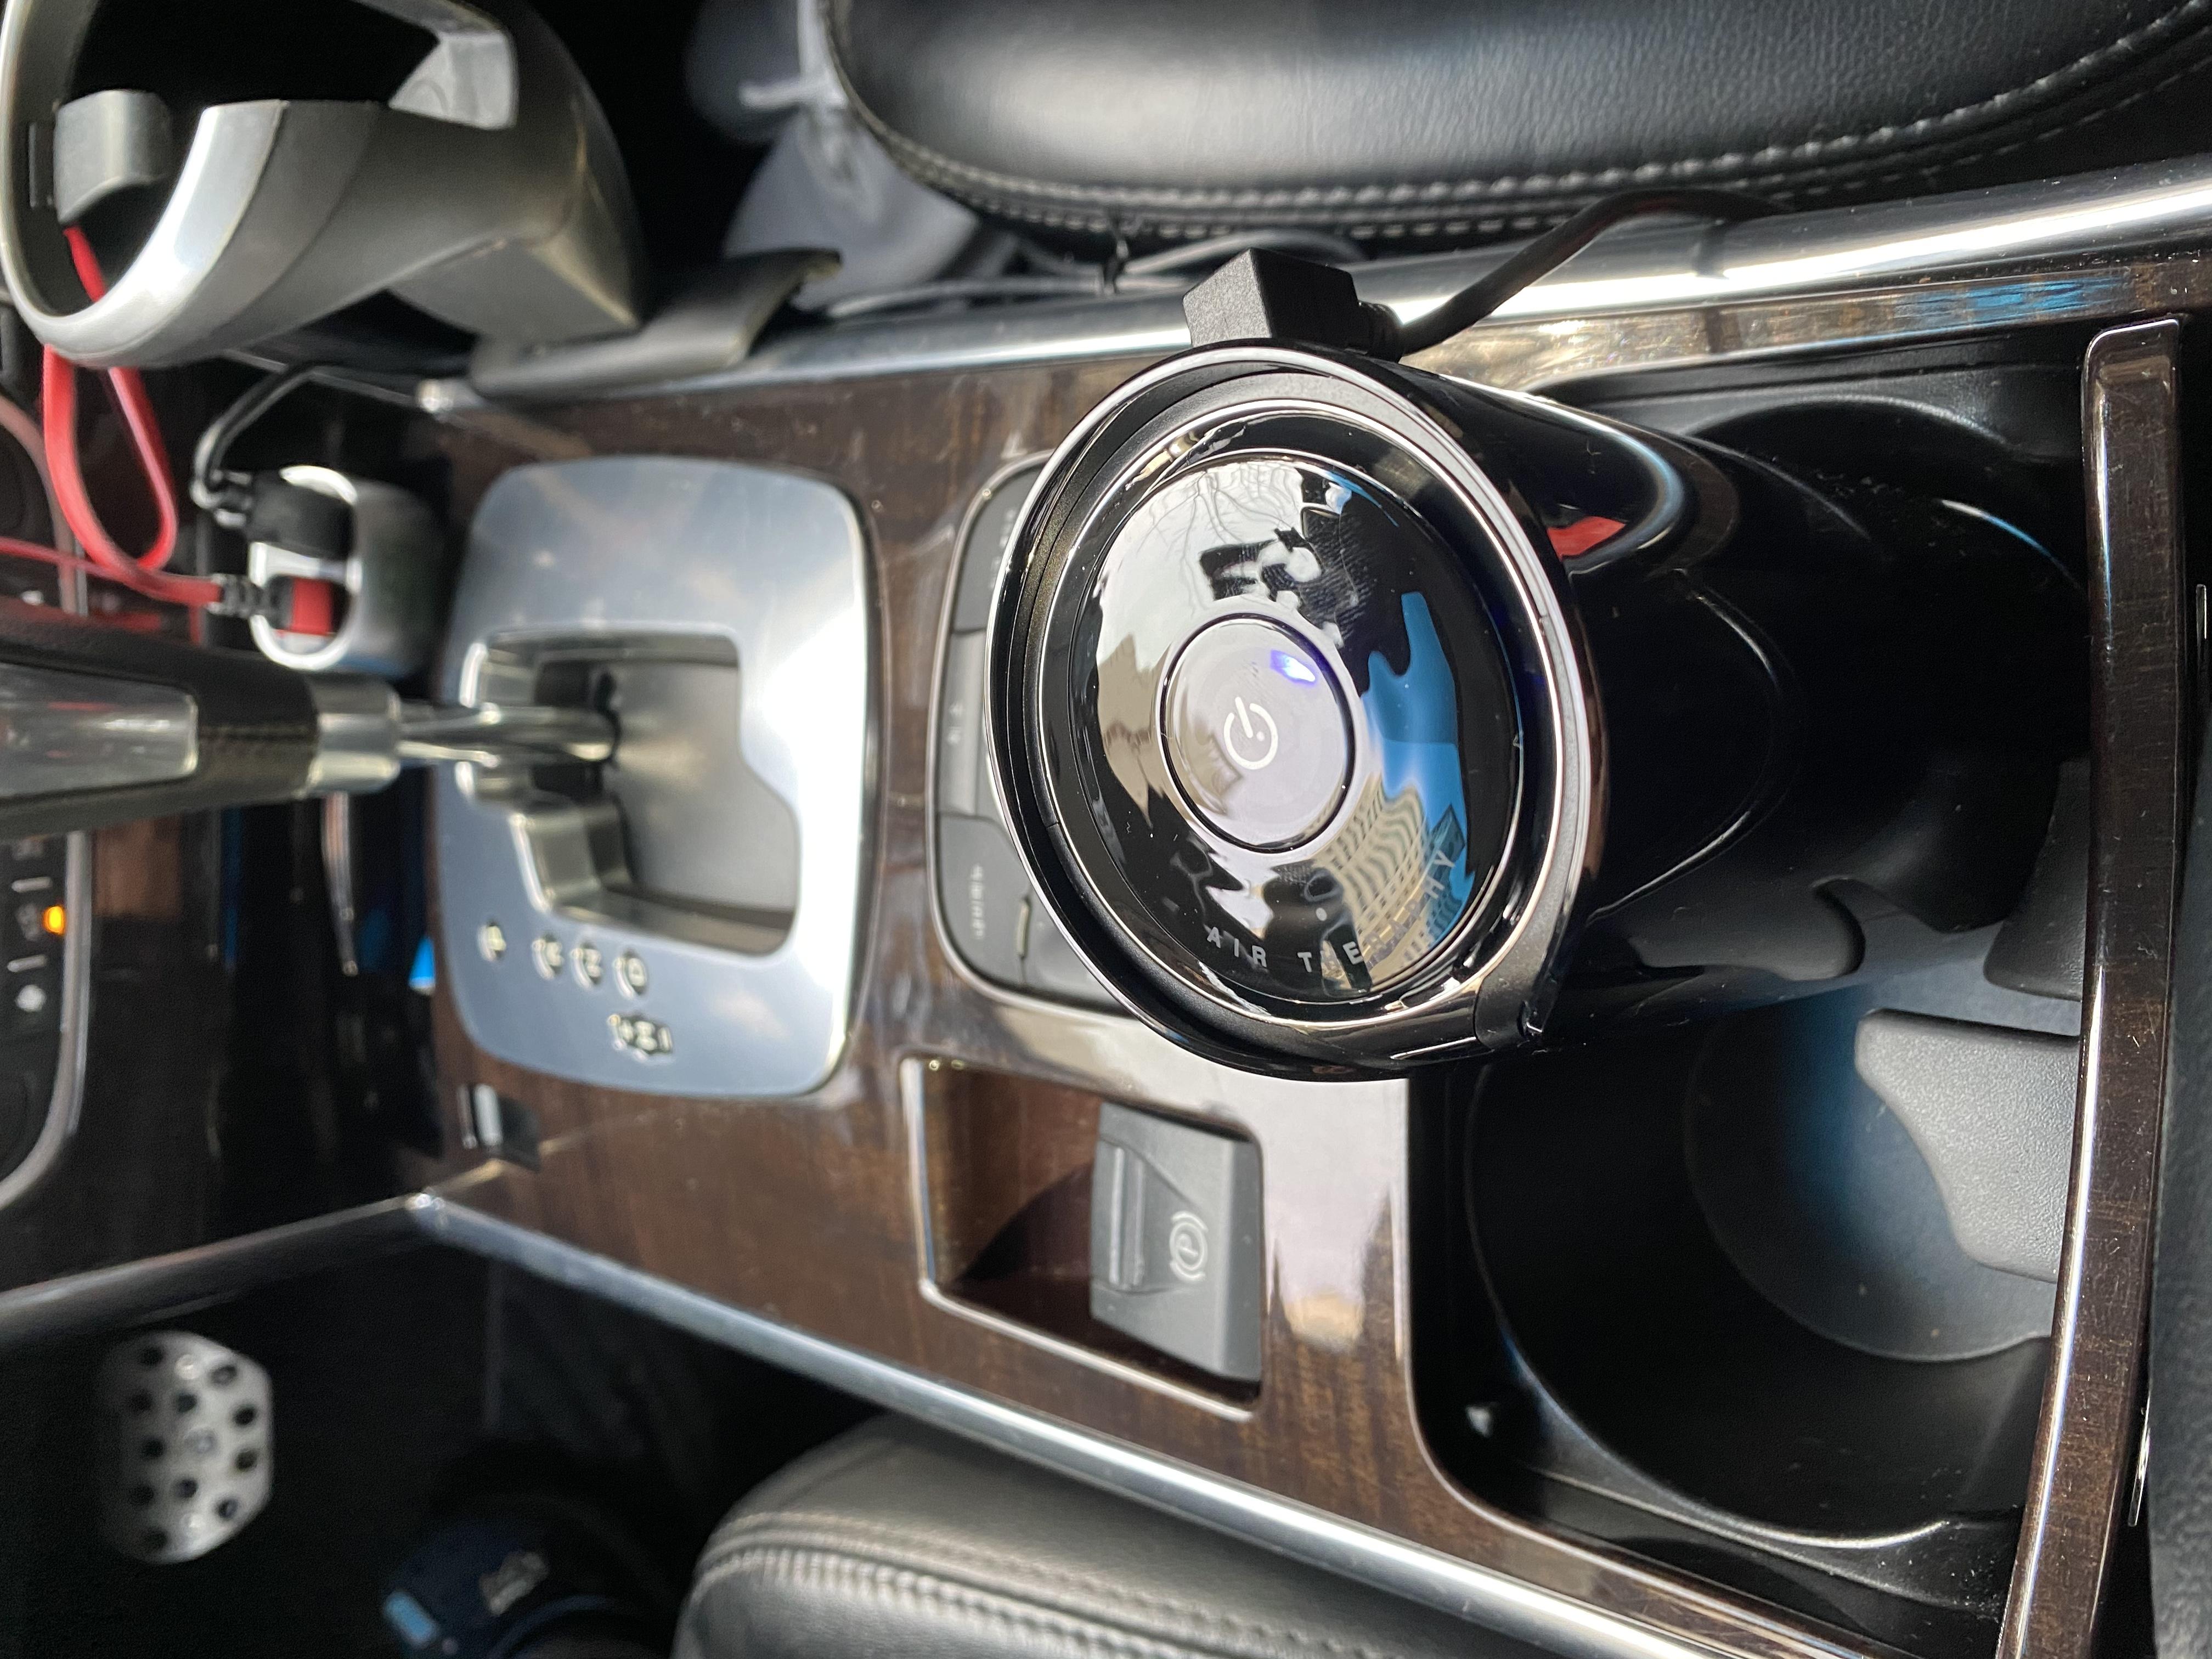 [불스원] 멀티액션 플러스 차량용 공기청정기(필터 총 3개)